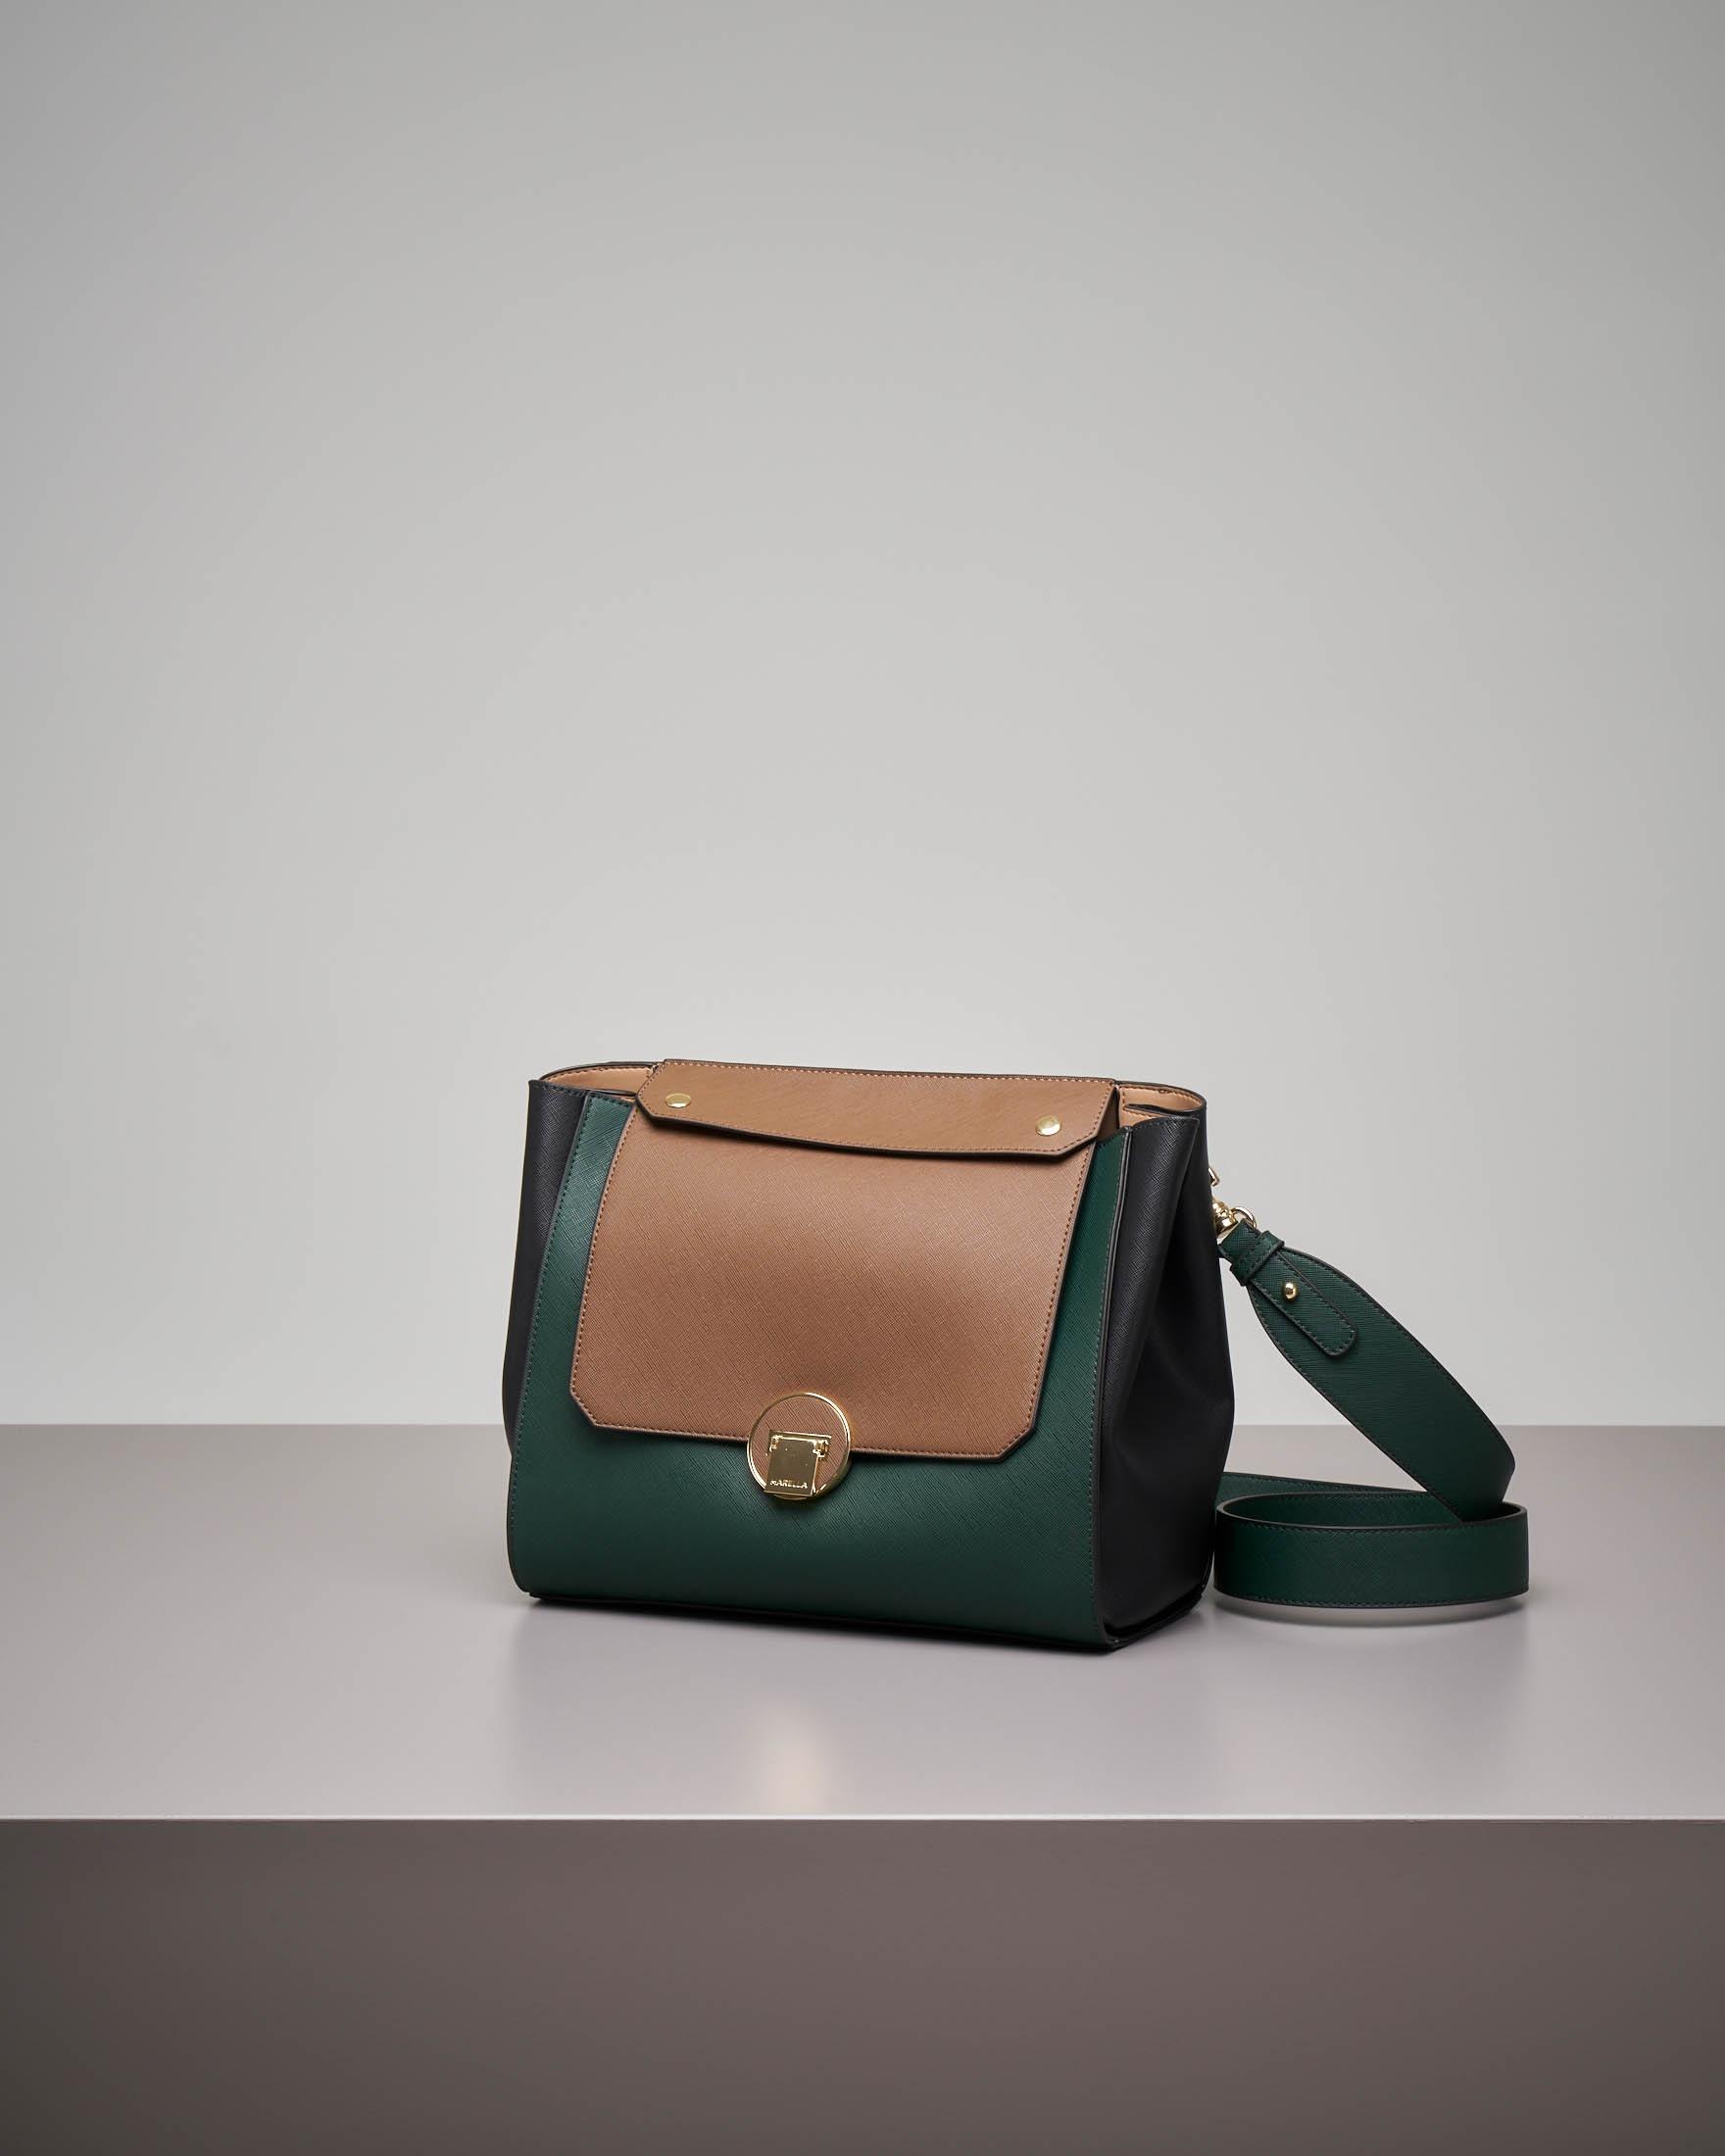 Borsa verde misura media con patta intercambiabile beige e trapuntata tono  su tono. 41493cb950a